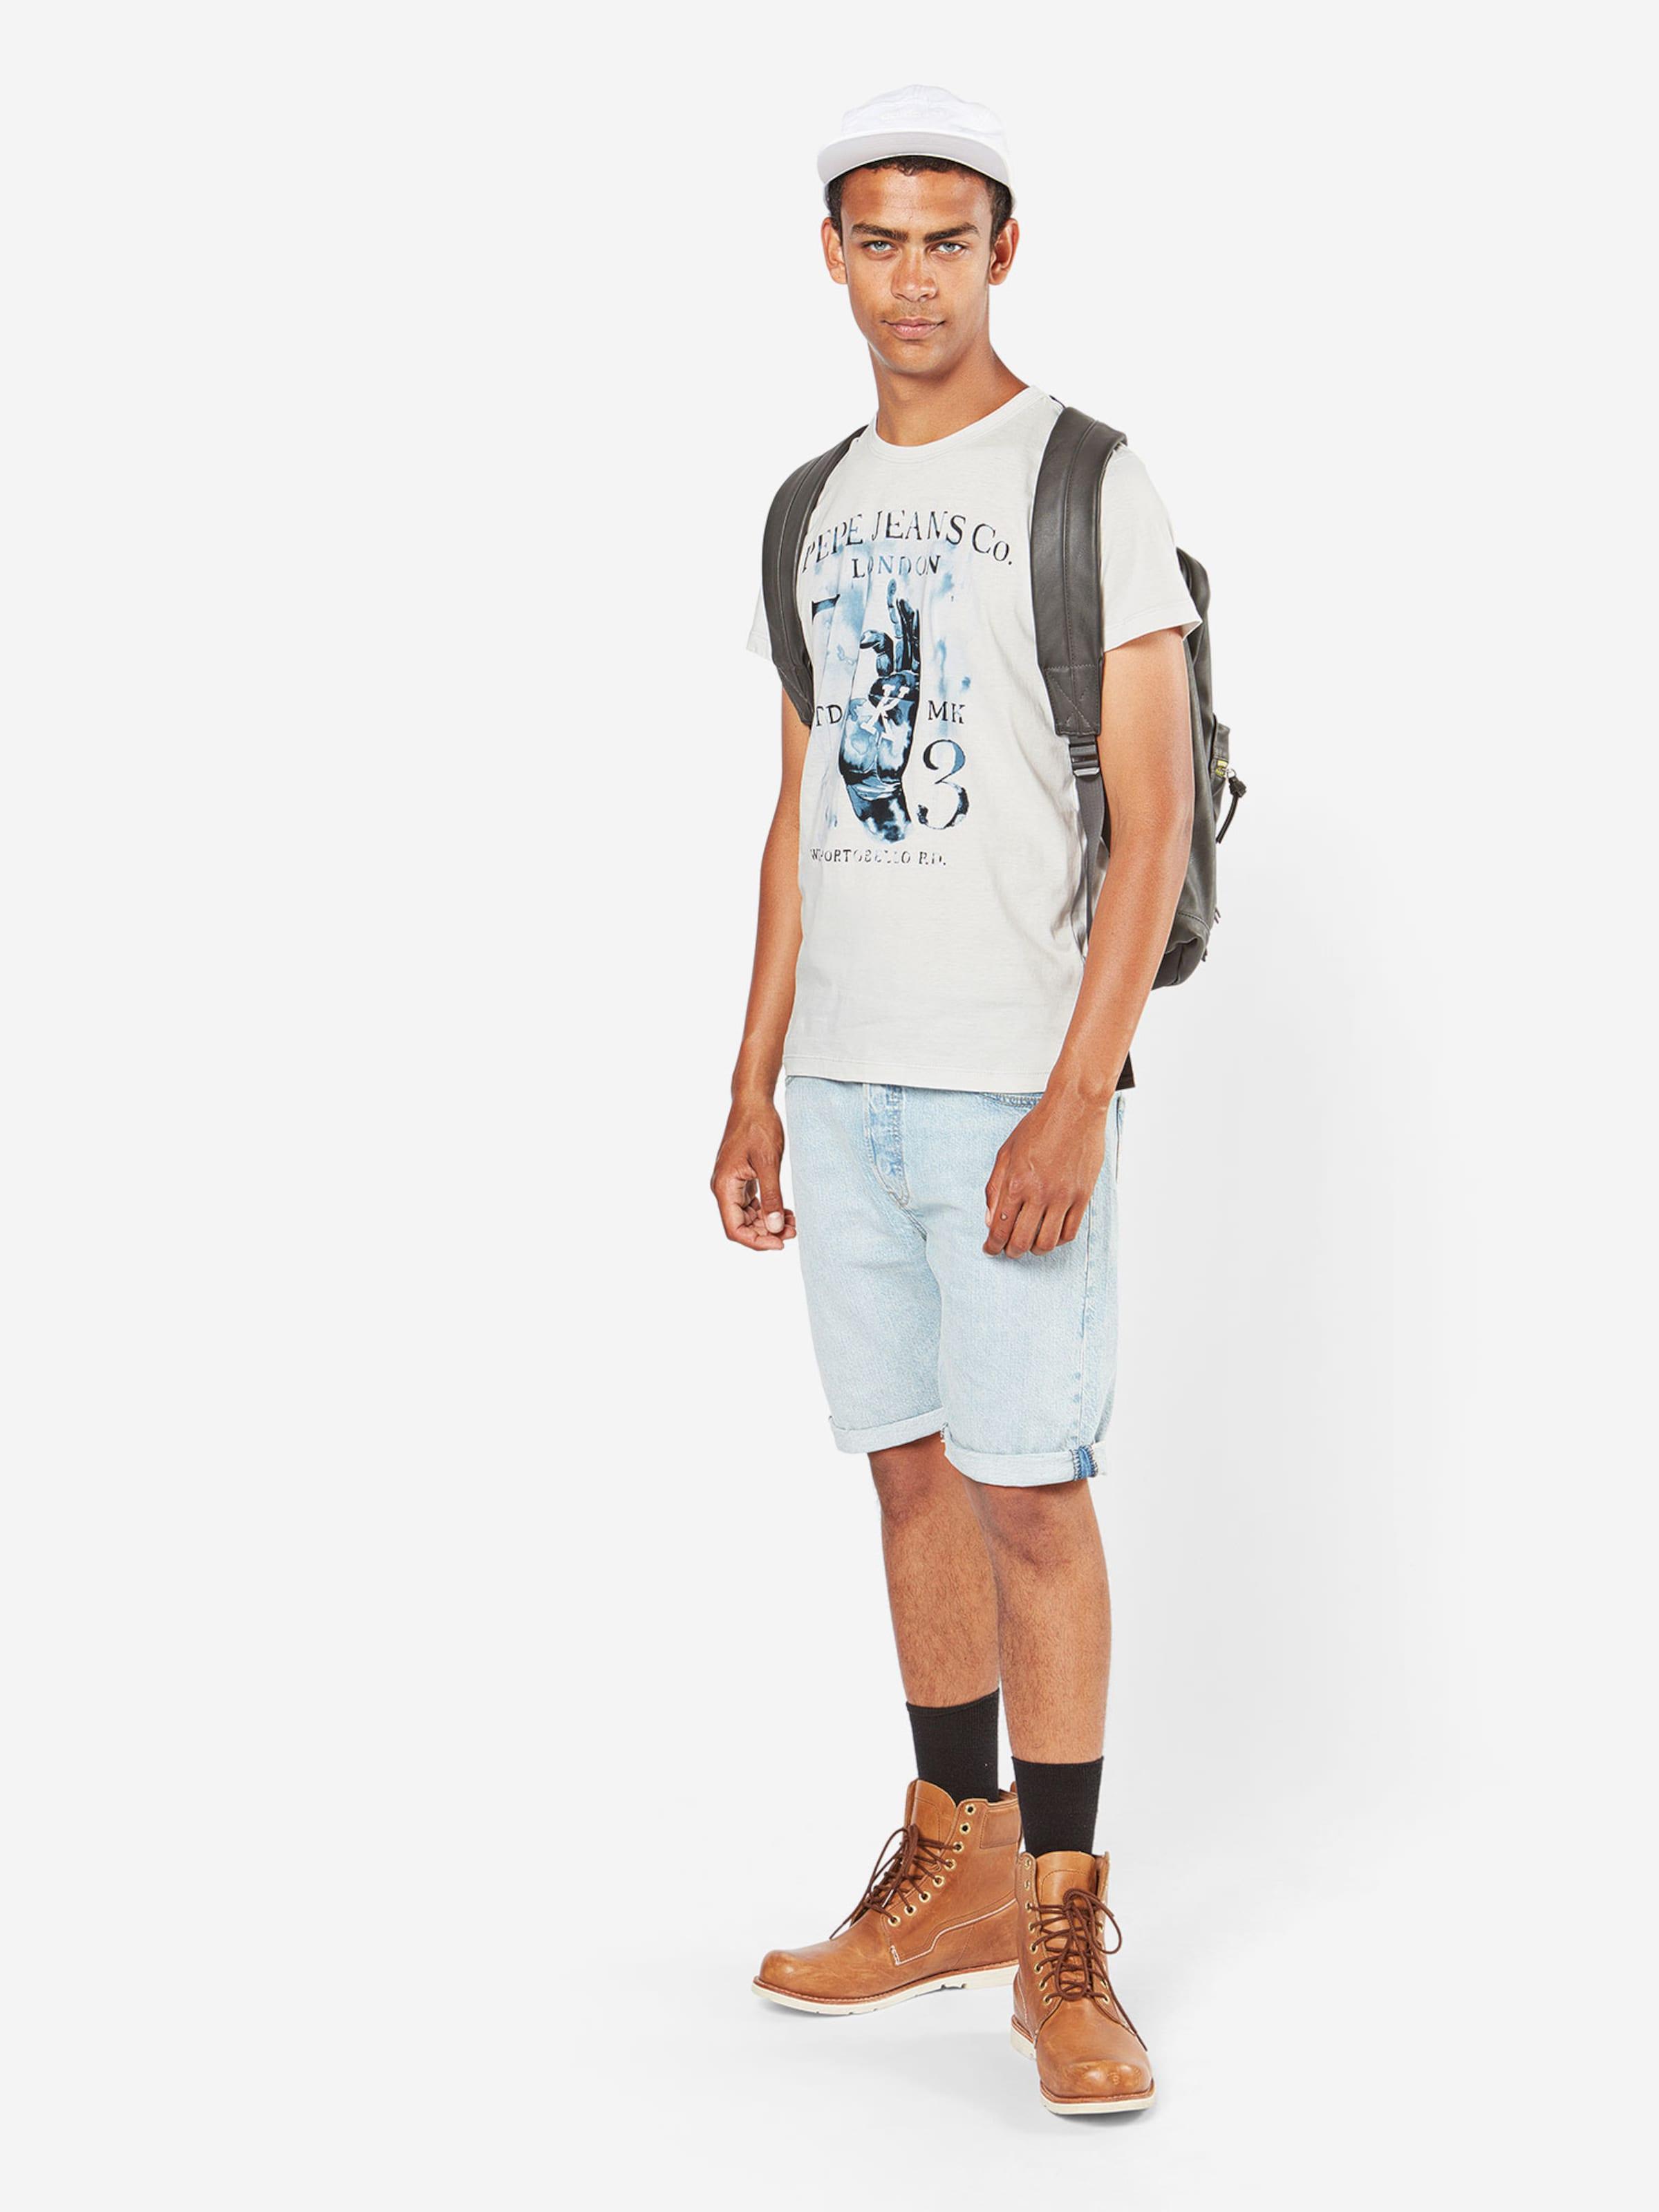 Pepe Jeans T-Shirt 'MOGAN' Original Günstig Online Steckdose Billig Authentisch Top-Qualität Günstiger Preis VmWcG